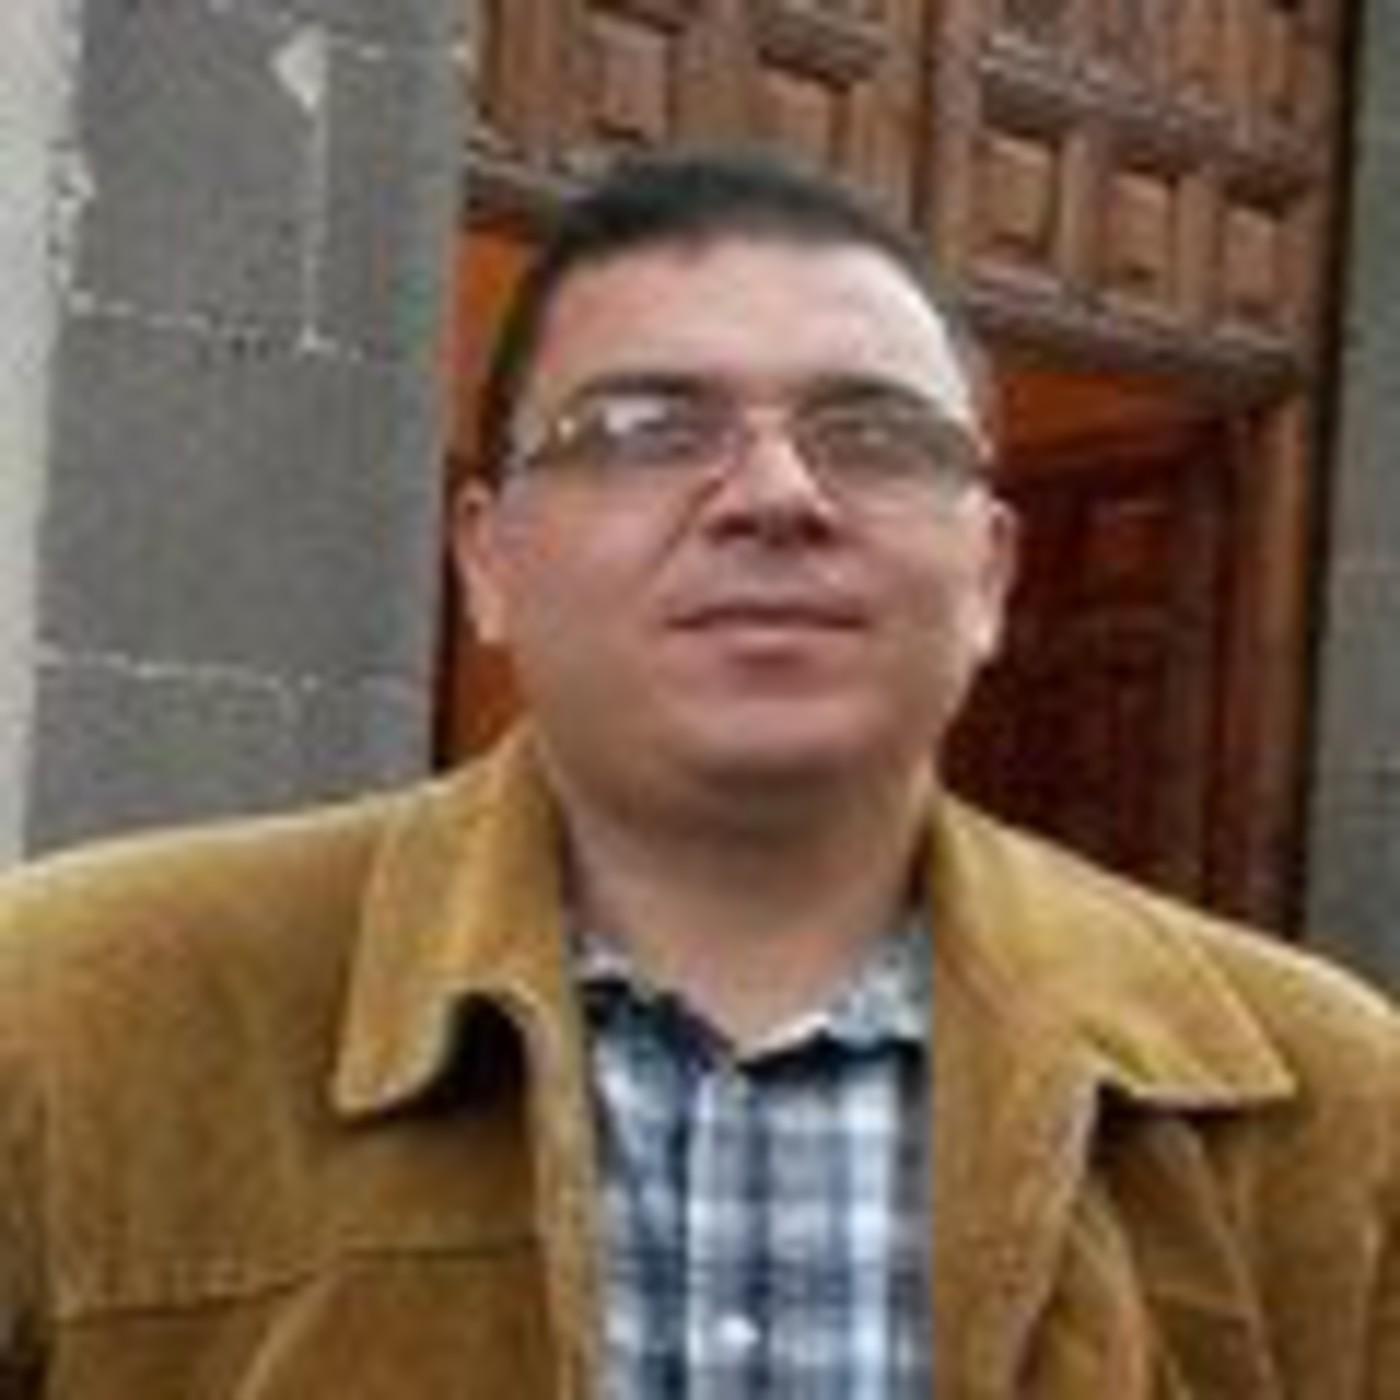 Antonio Samsa